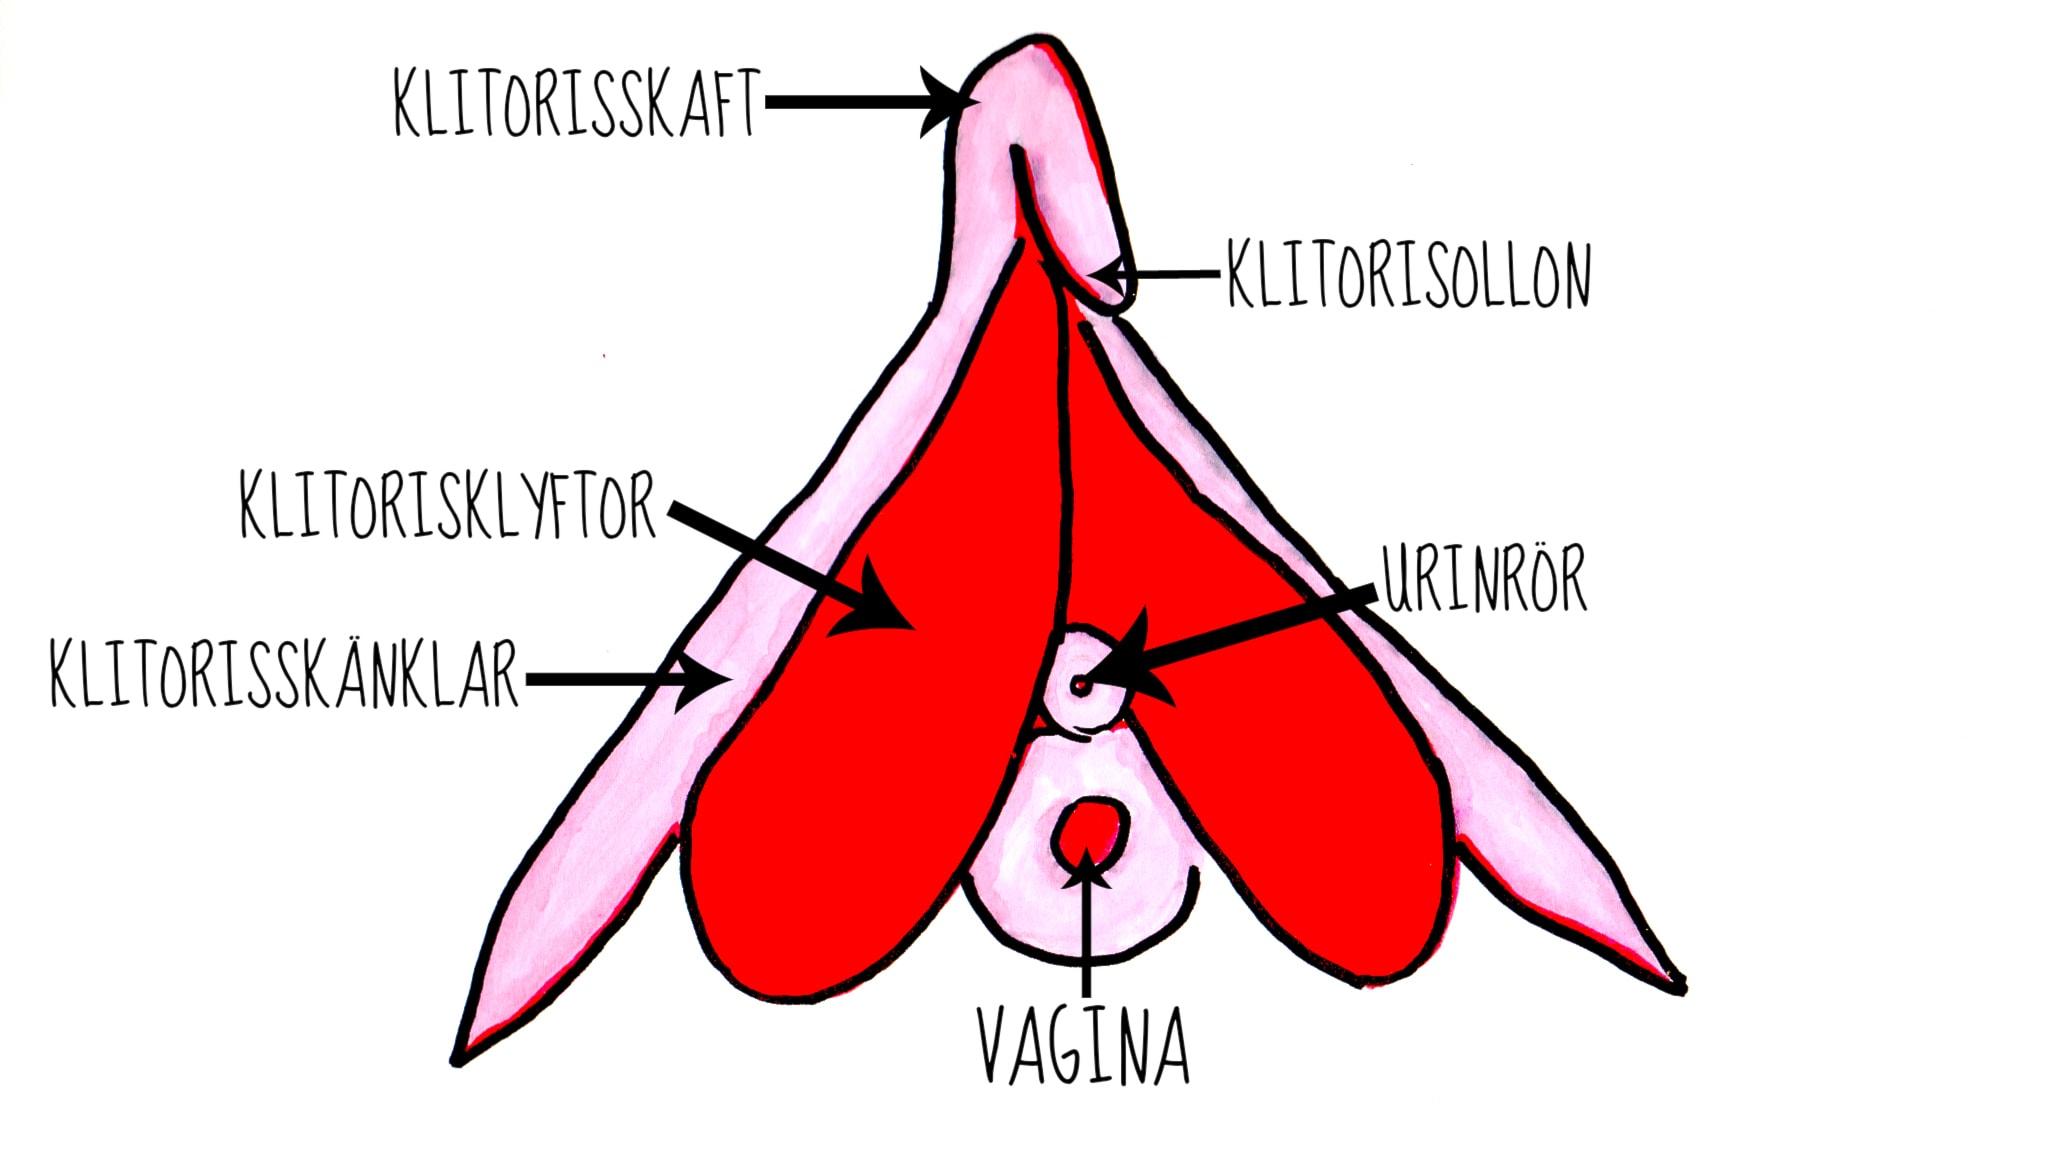 fitta bilder frГҐn bak sidan feministisk porr Tube